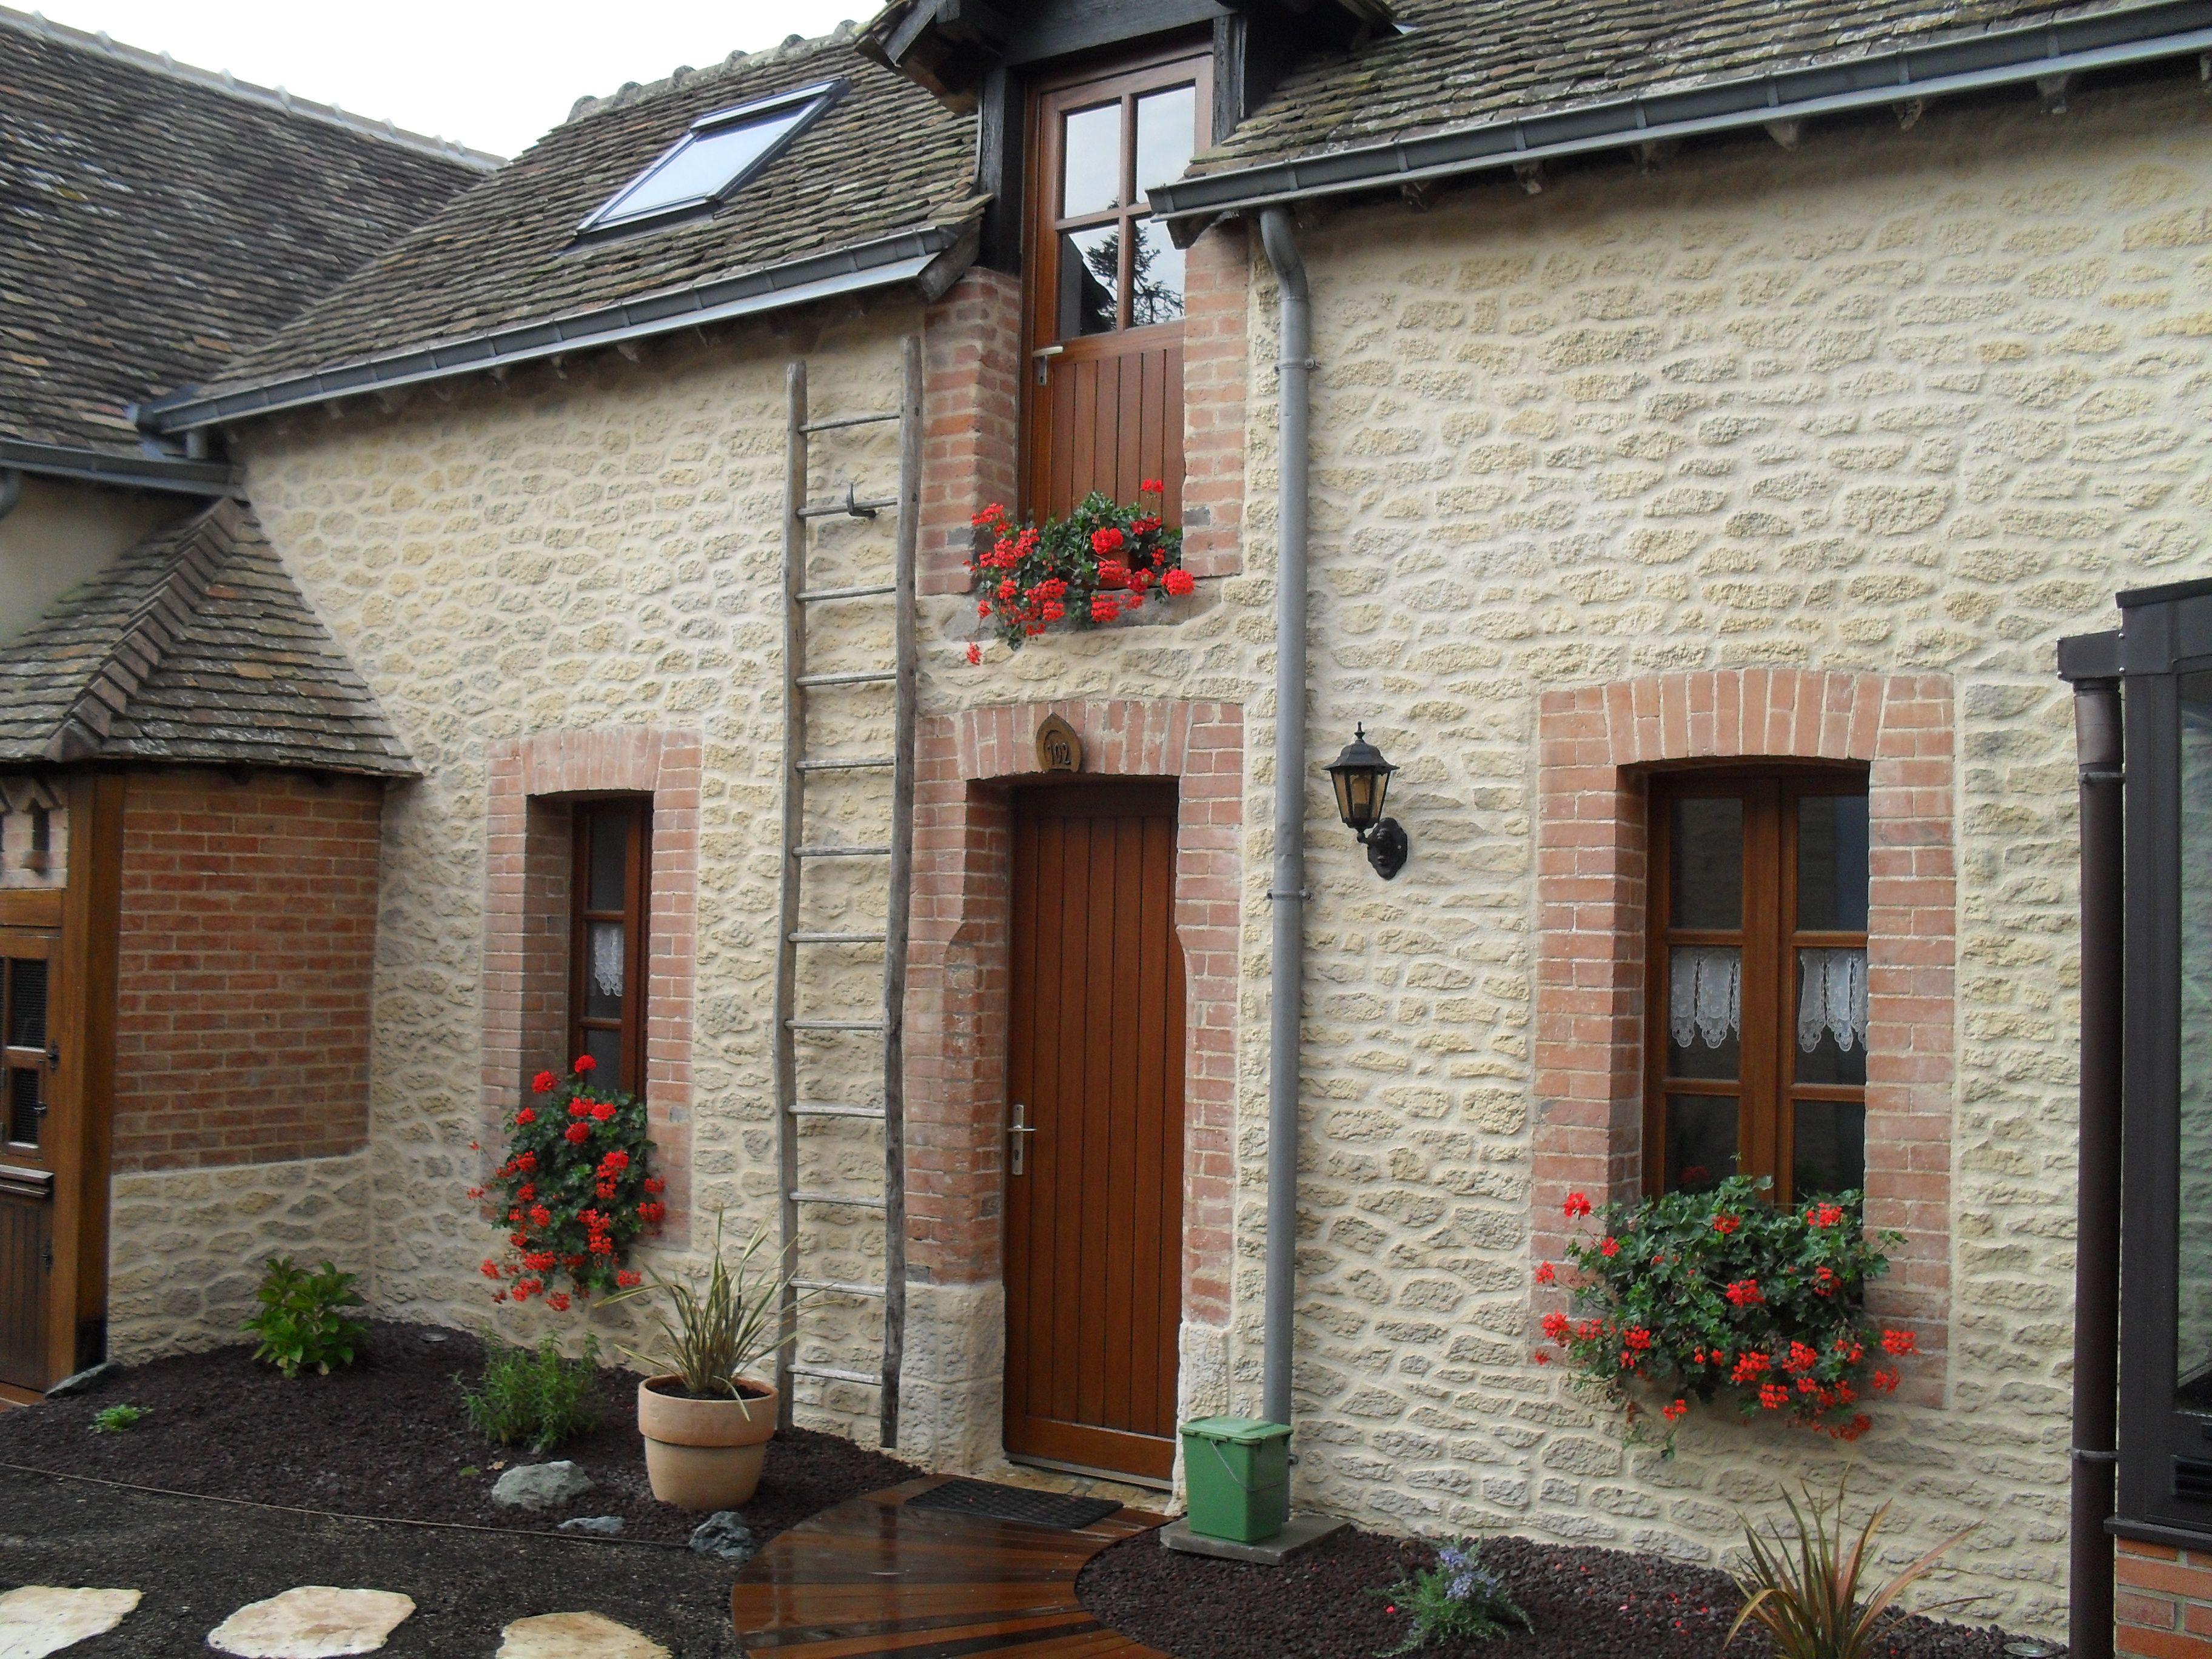 mignonne petite maison de campagne au ravalement de façade imitation